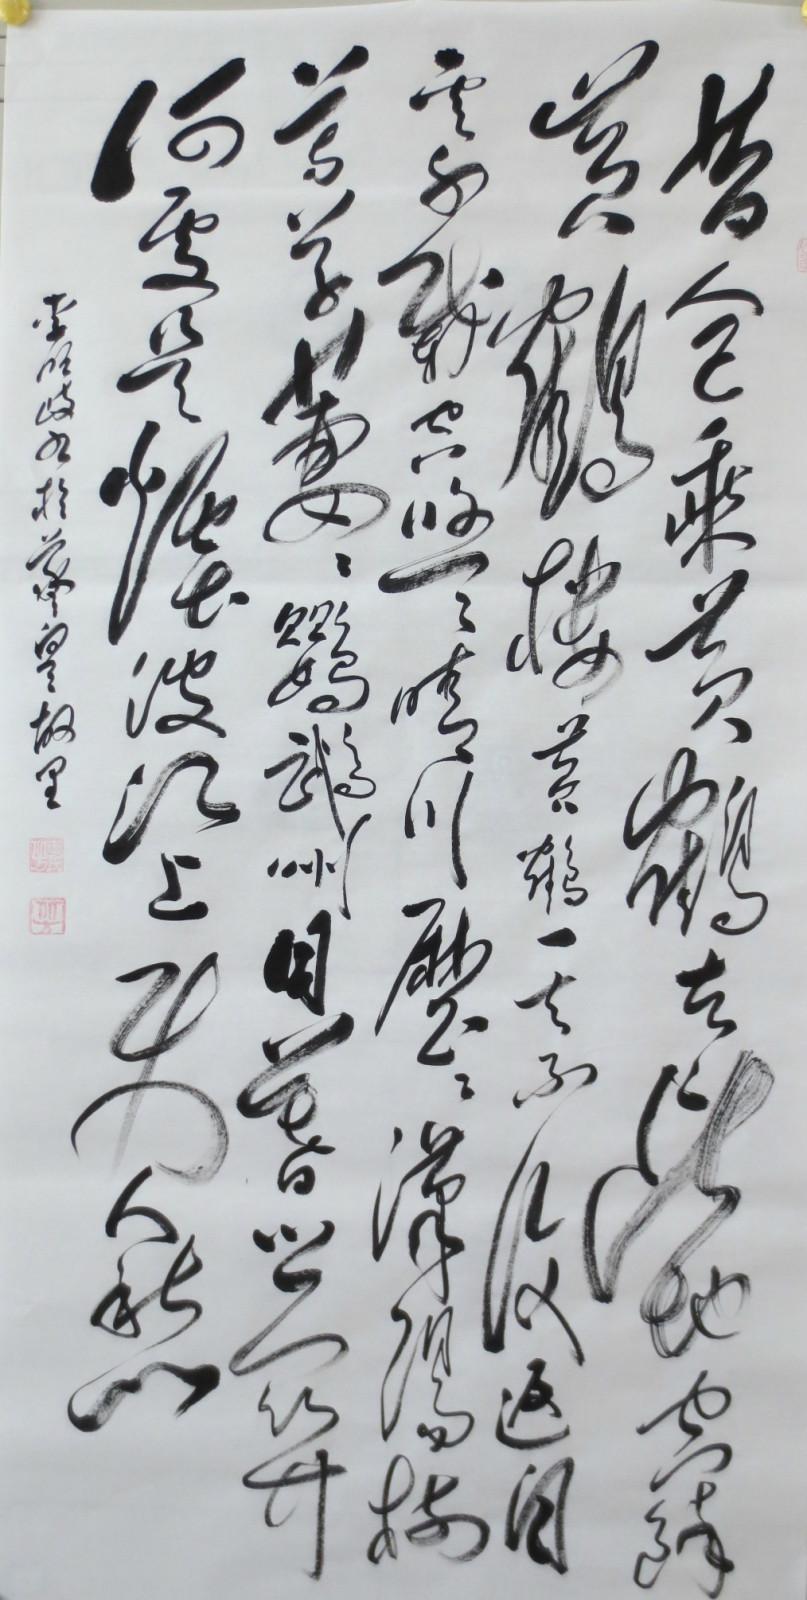 崔颢《黄鹤楼》全诗原文、注释、翻译和赏析 - 可可诗词网